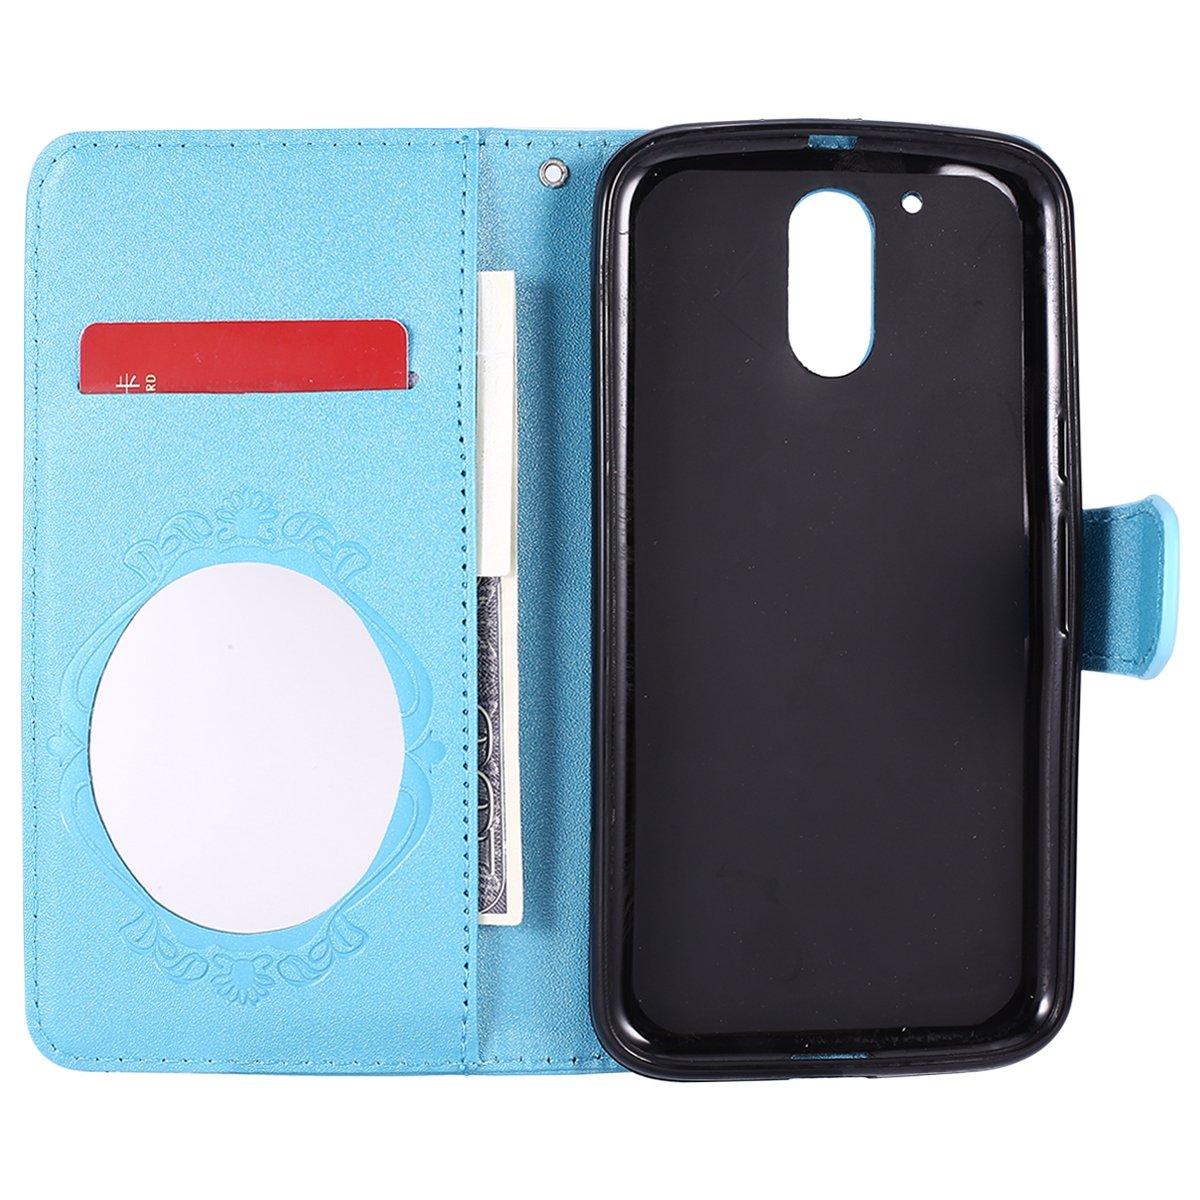 Blau Schmetterling Relief Spiegel Klapph/ülle Brieftasche Magnetische mit Standfunktion,EINWEG MoreChioce kompatibel mit Motorola Moto G4 H/ülle,kompatibel mit Motorola Moto G4 Leder Flip Case